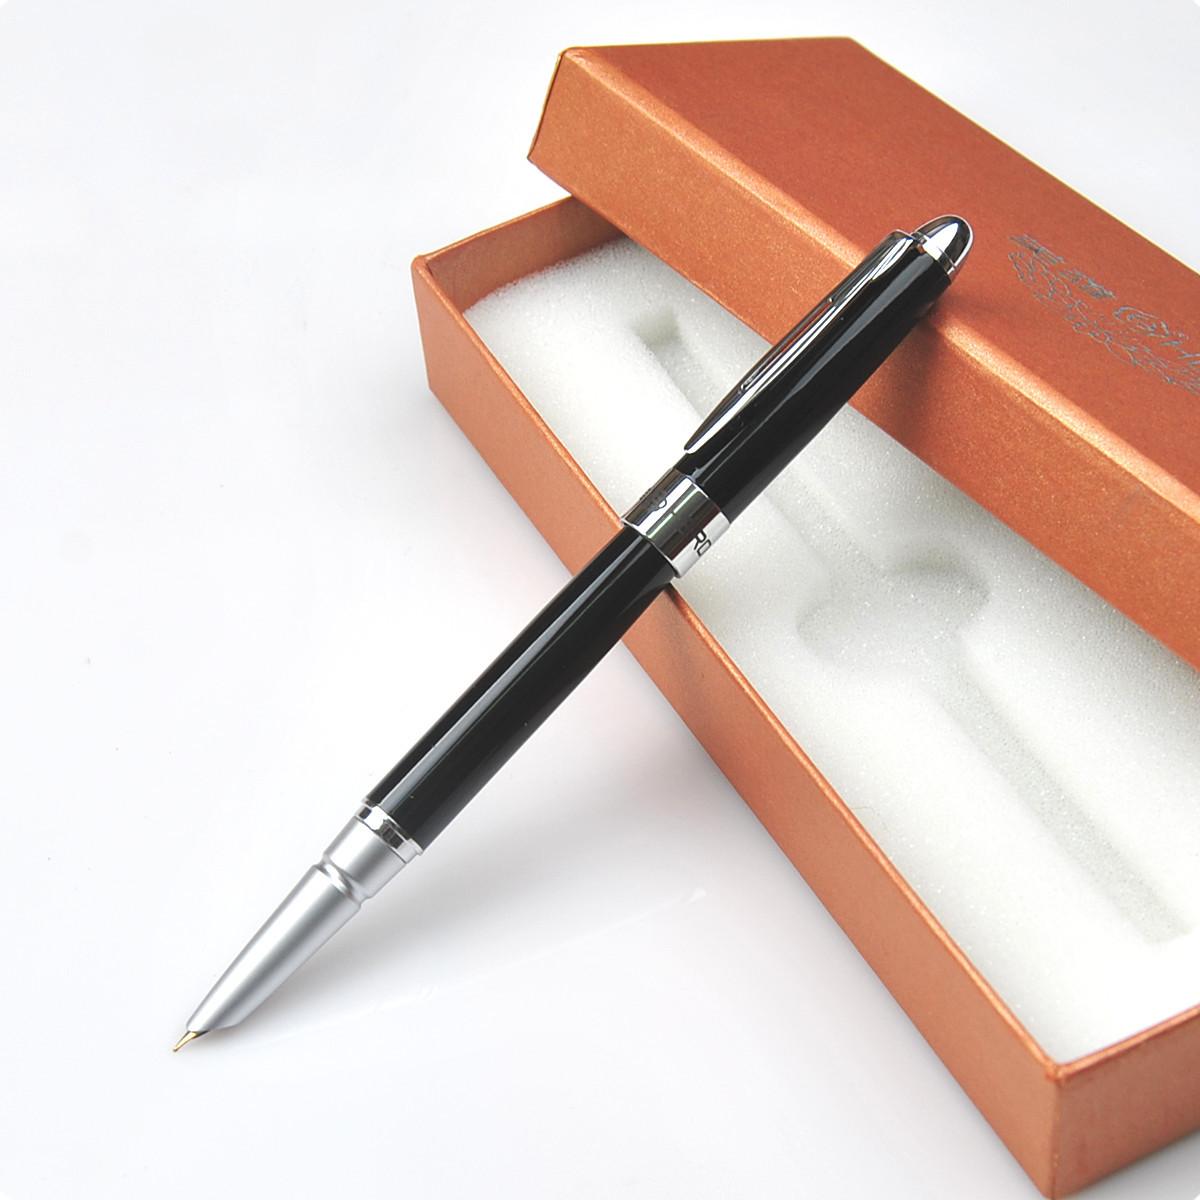 限量特价英雄正品钢笔1020 黑丽雅银夹铱金笔 英雄钢笔特细学生用